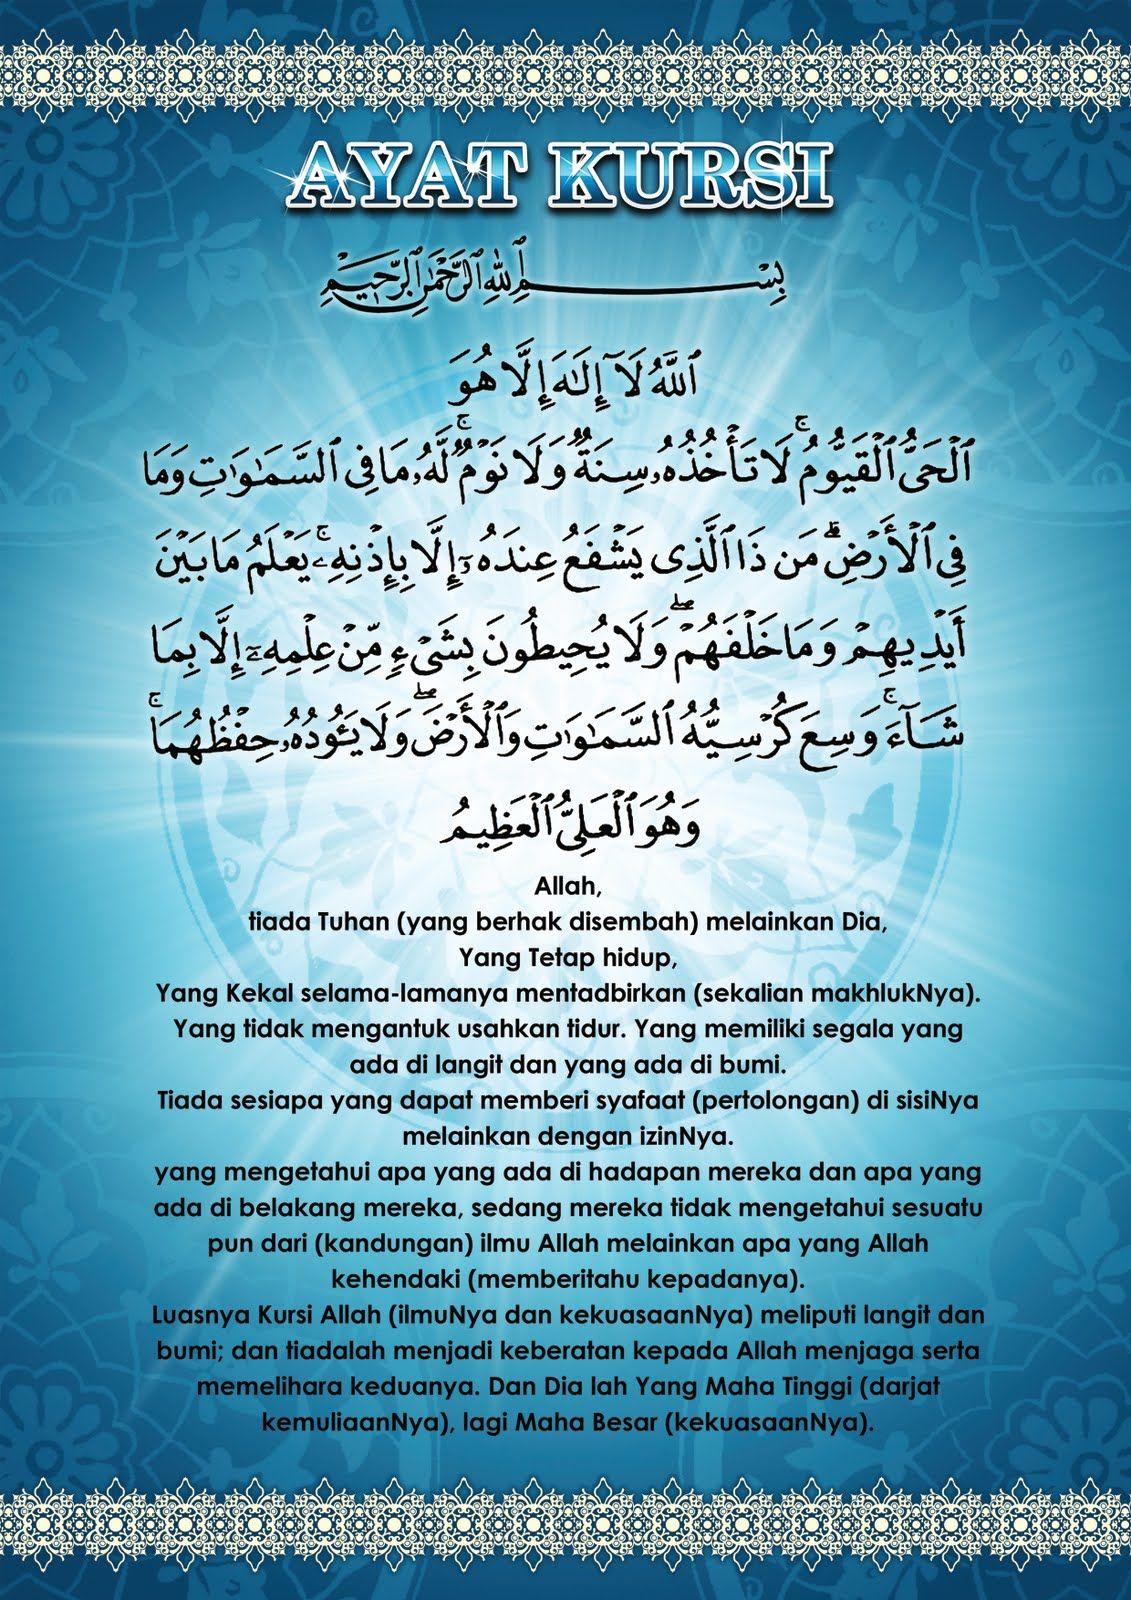 Arti Ayat Kursi : kursi, Kursi, Rahasia,, Khasiat,, Keutamaannya, Idheas, Islamic, Quotes, Quran,, Template, Word,, Ayatul